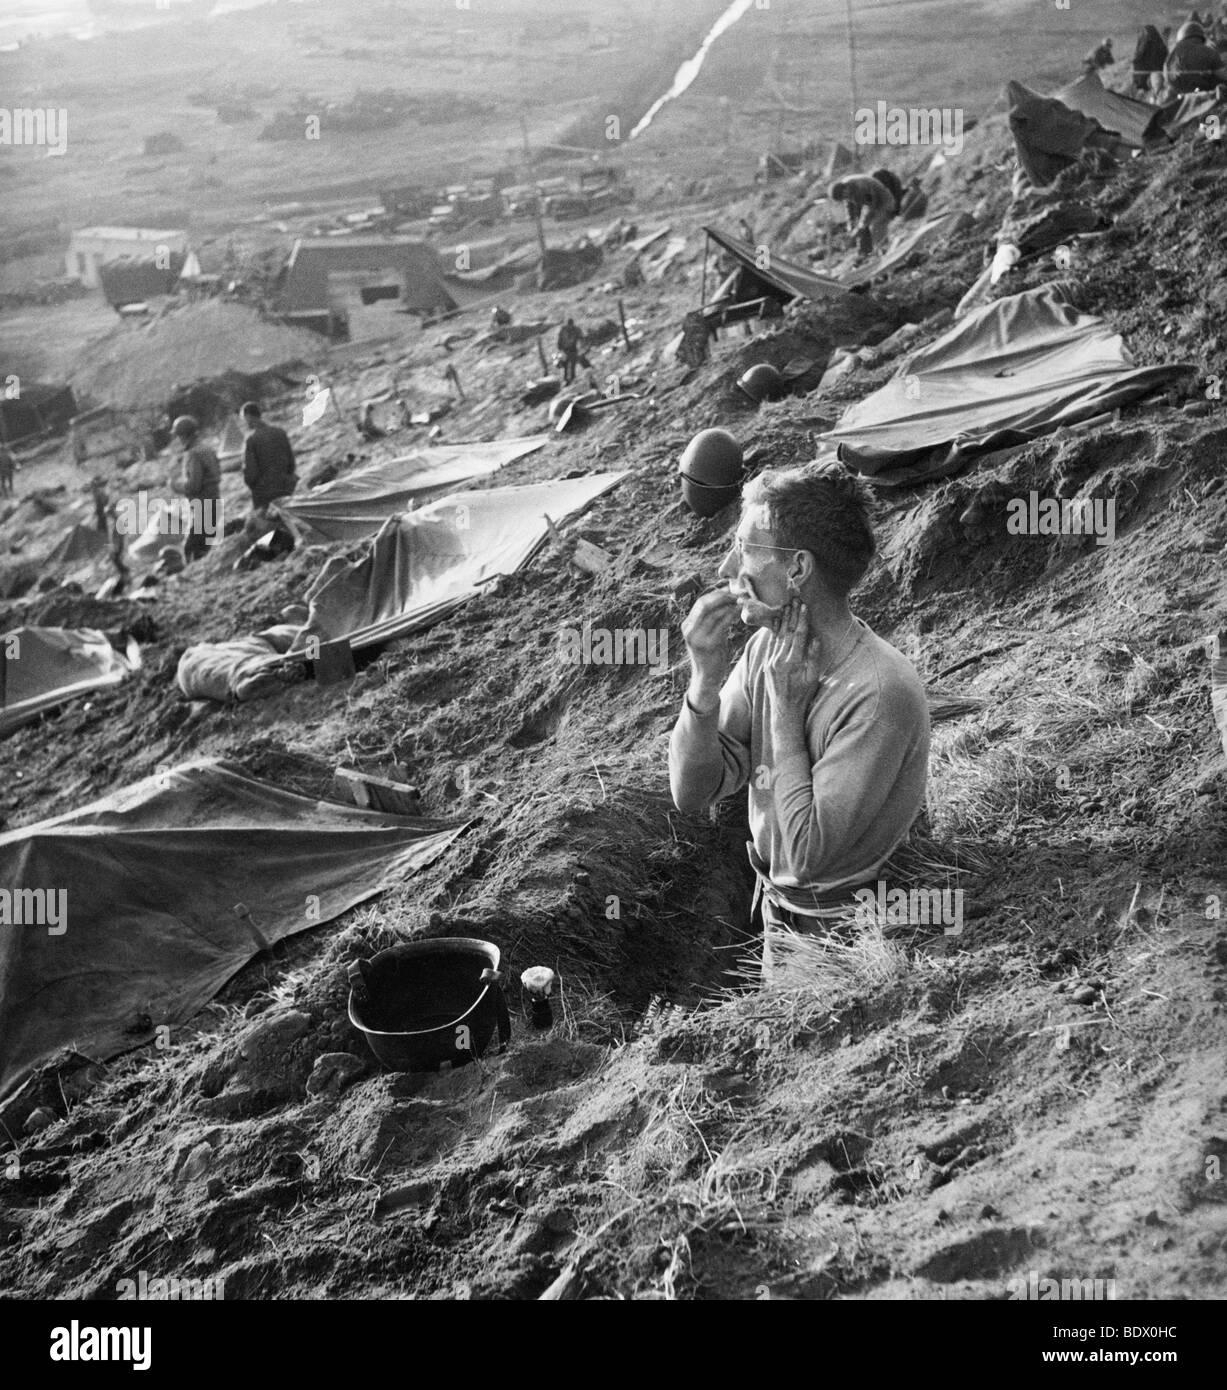 Débarquement du jour 1944 - soldat américain se rase dans son trou près de Cherbourg en juin 1944 Photo Stock